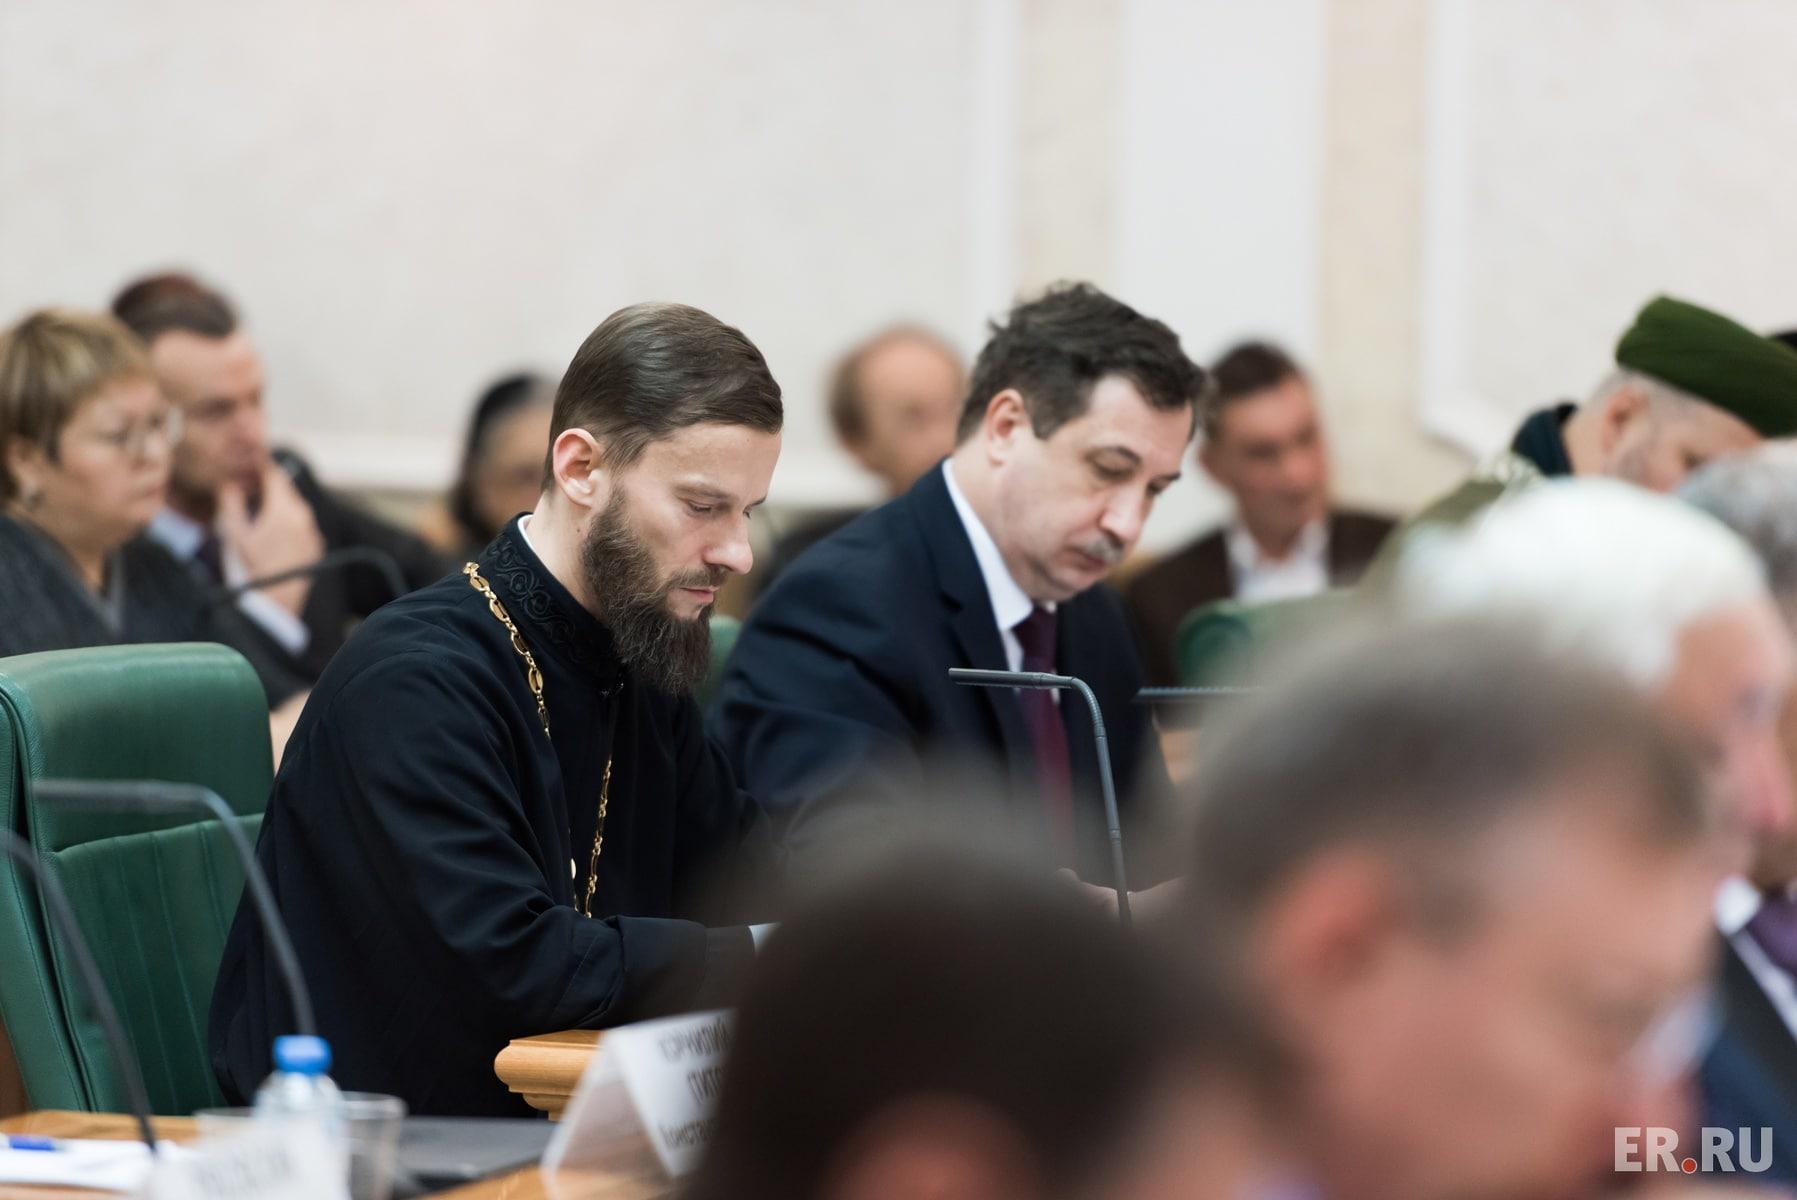 Иеромонах Геннадий (Войтишко) принял участие в заседании в Совете Федерации